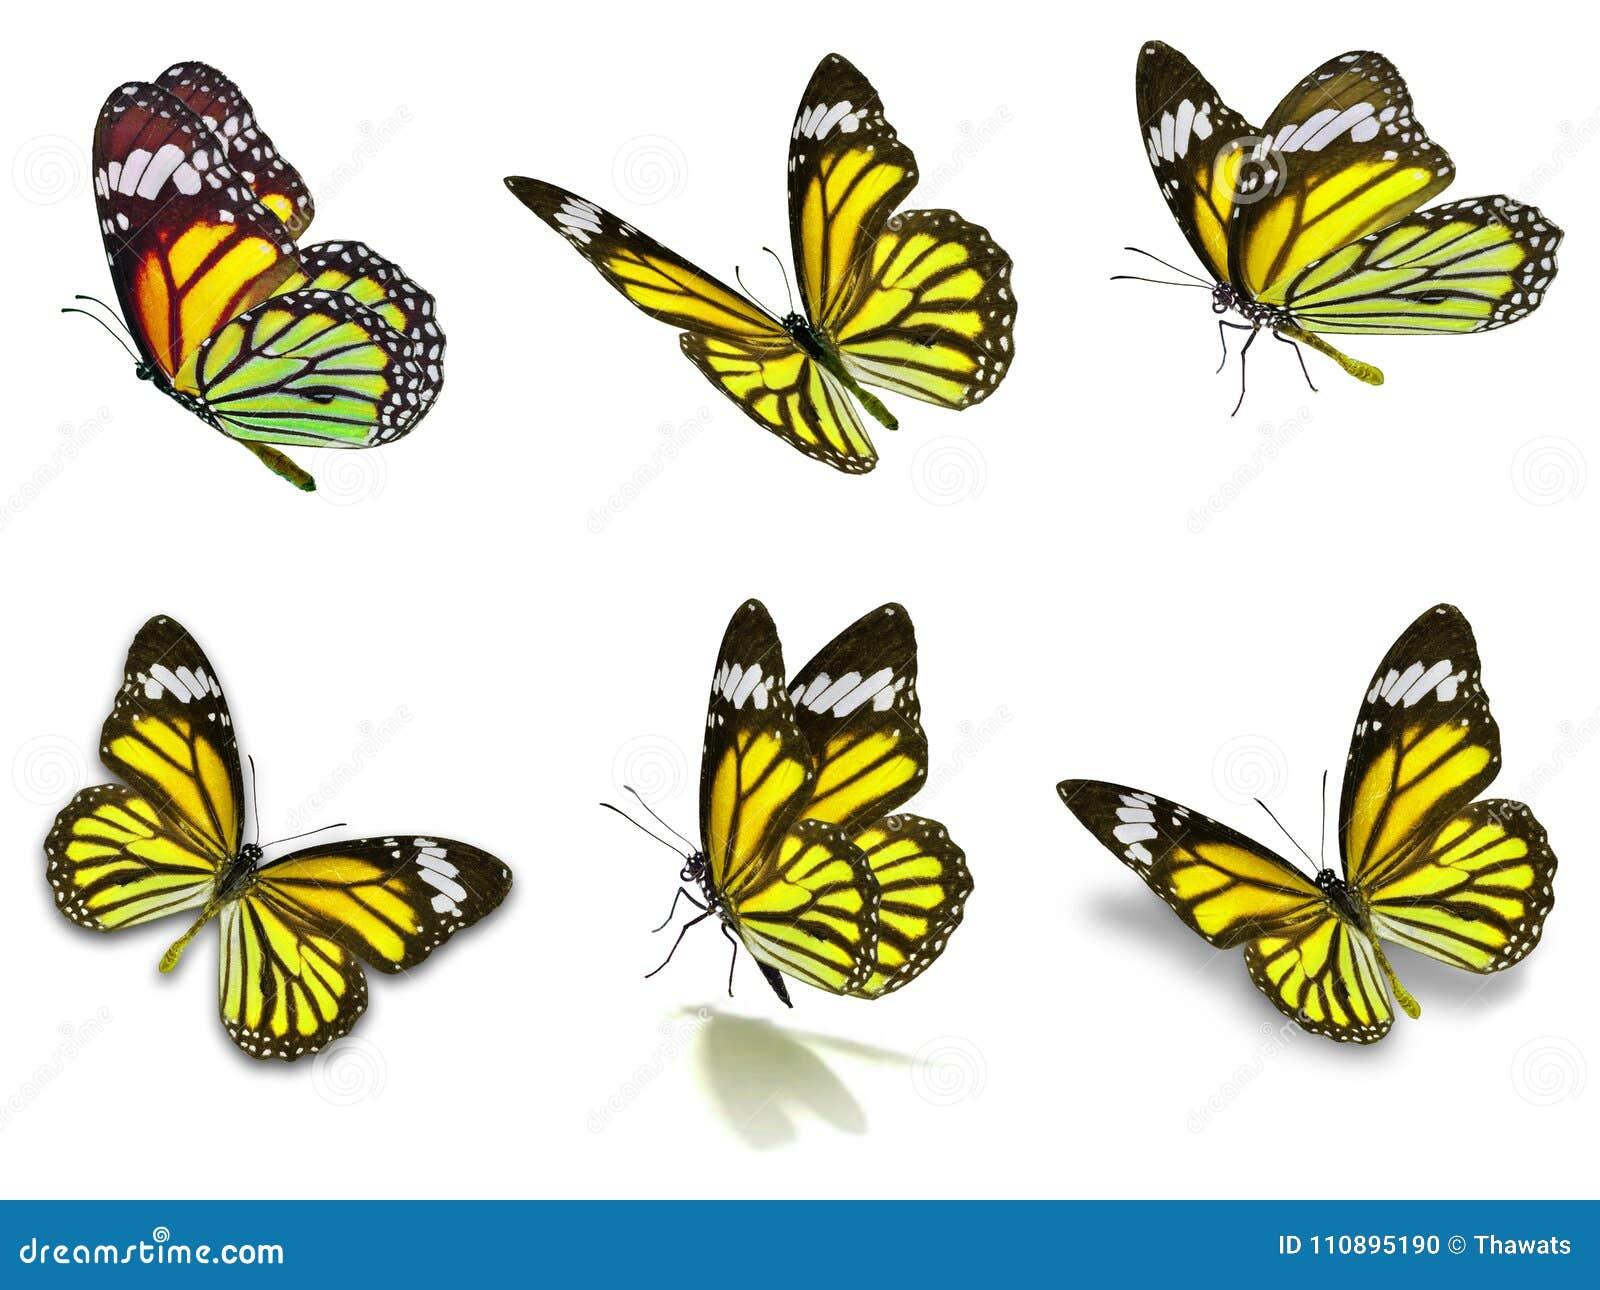 Six monarch butterflies set